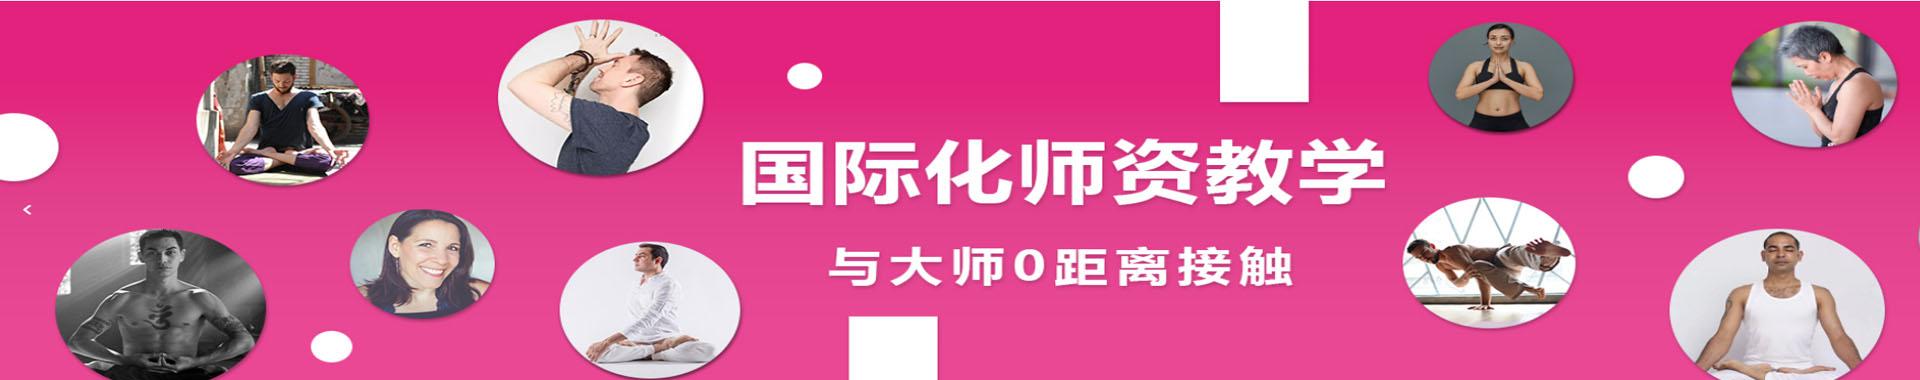 杭州醉瑜伽艺术培训中心